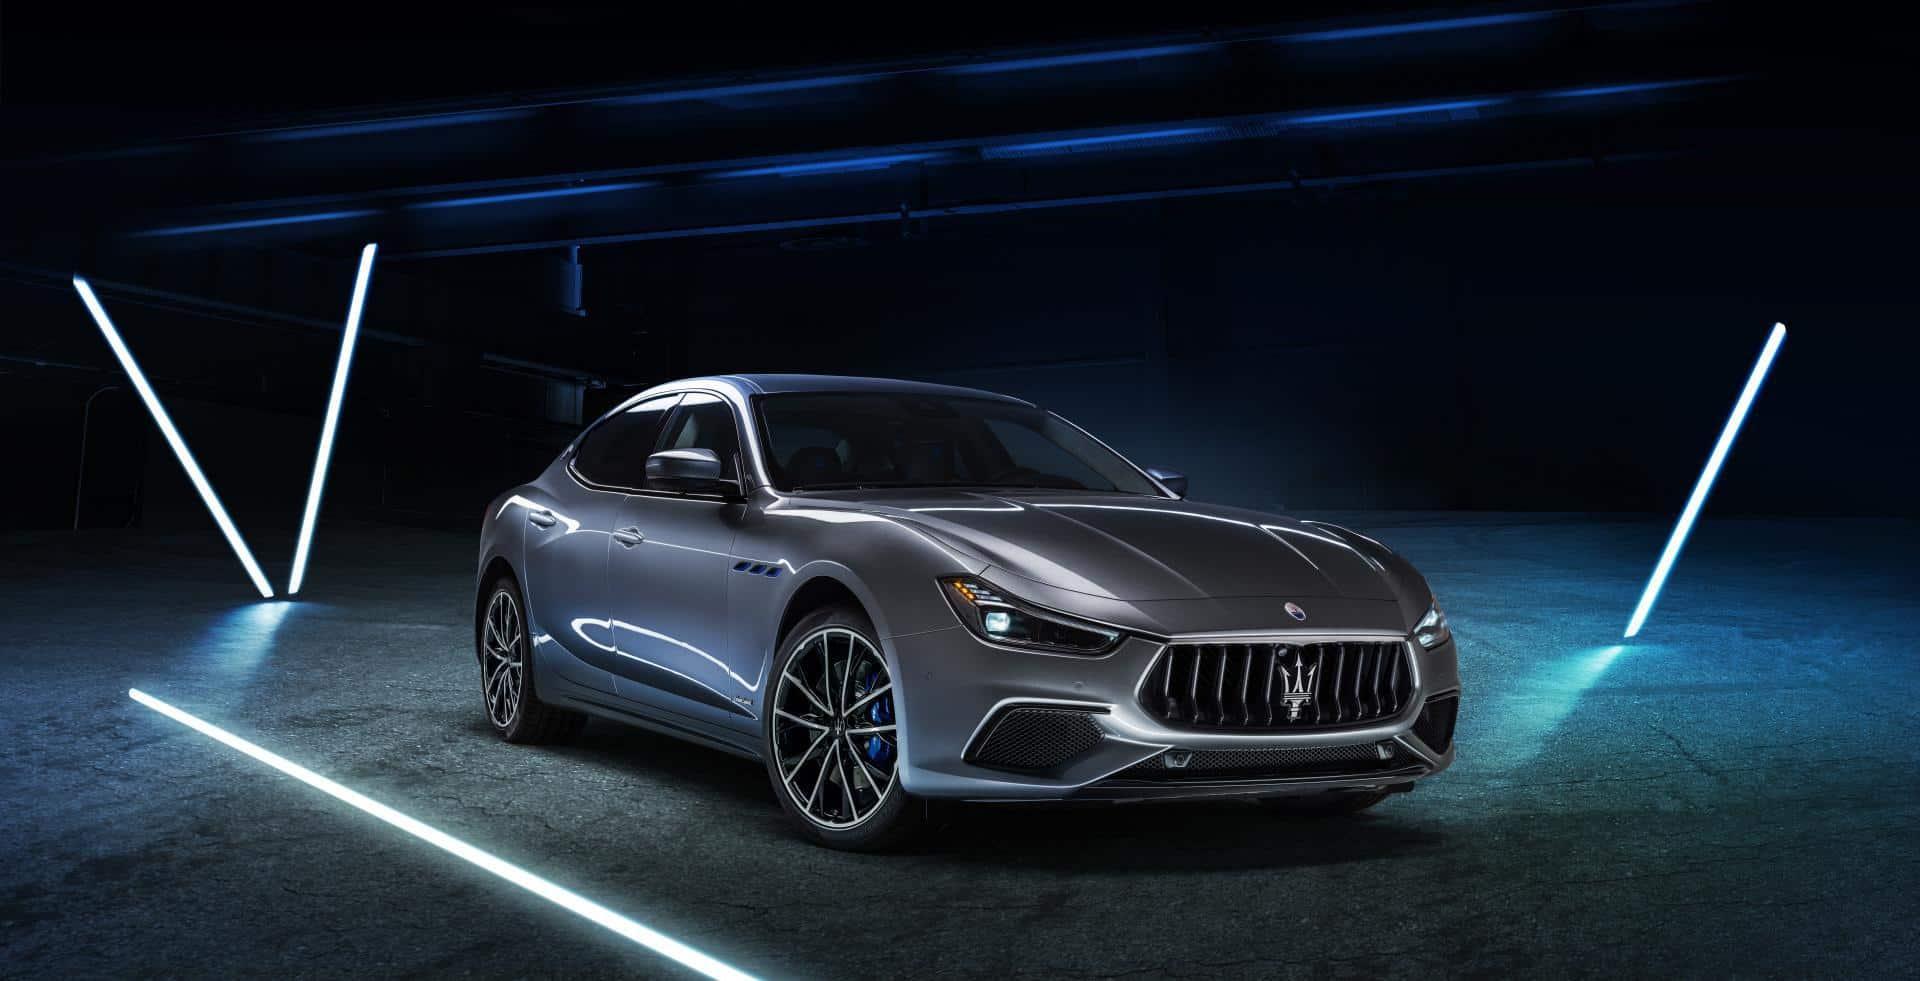 Maserati Ghibli Hybrid - Der erste Schritt in Richtung E-Mobilität